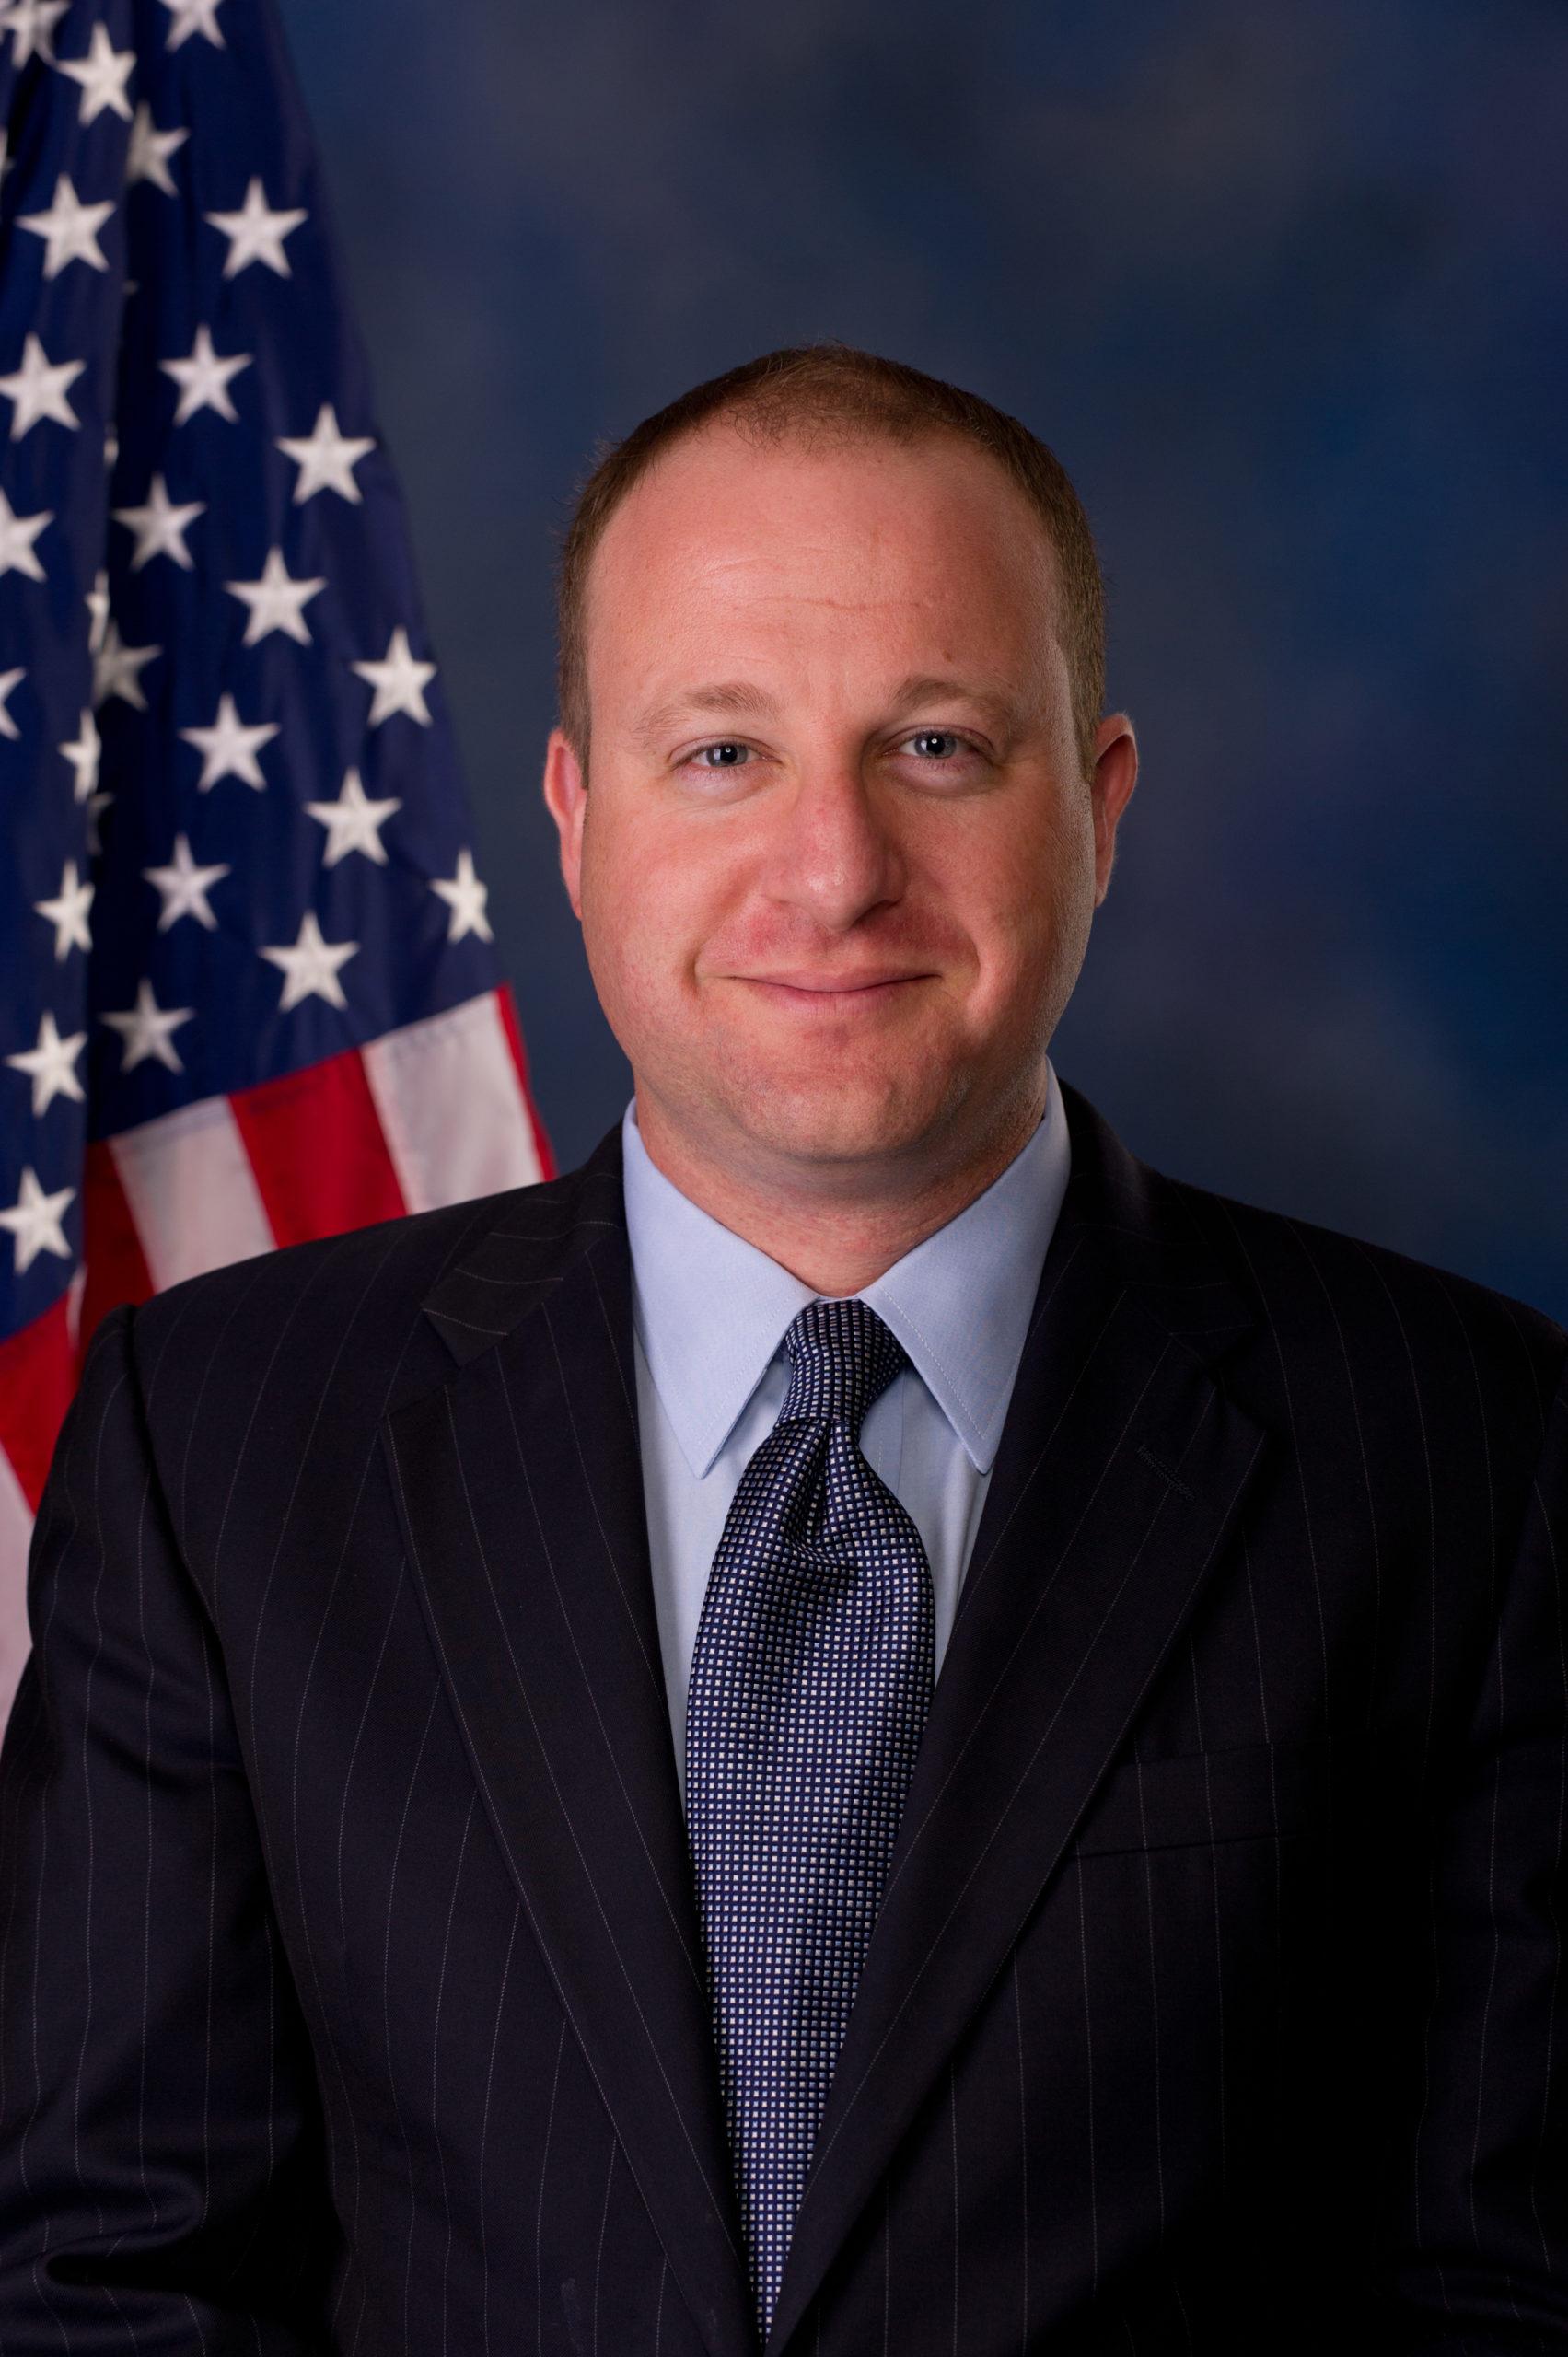 Губернатор Джаред Полис: Стартапы из Колорадо увеличили венчурный капитал на $50 млн